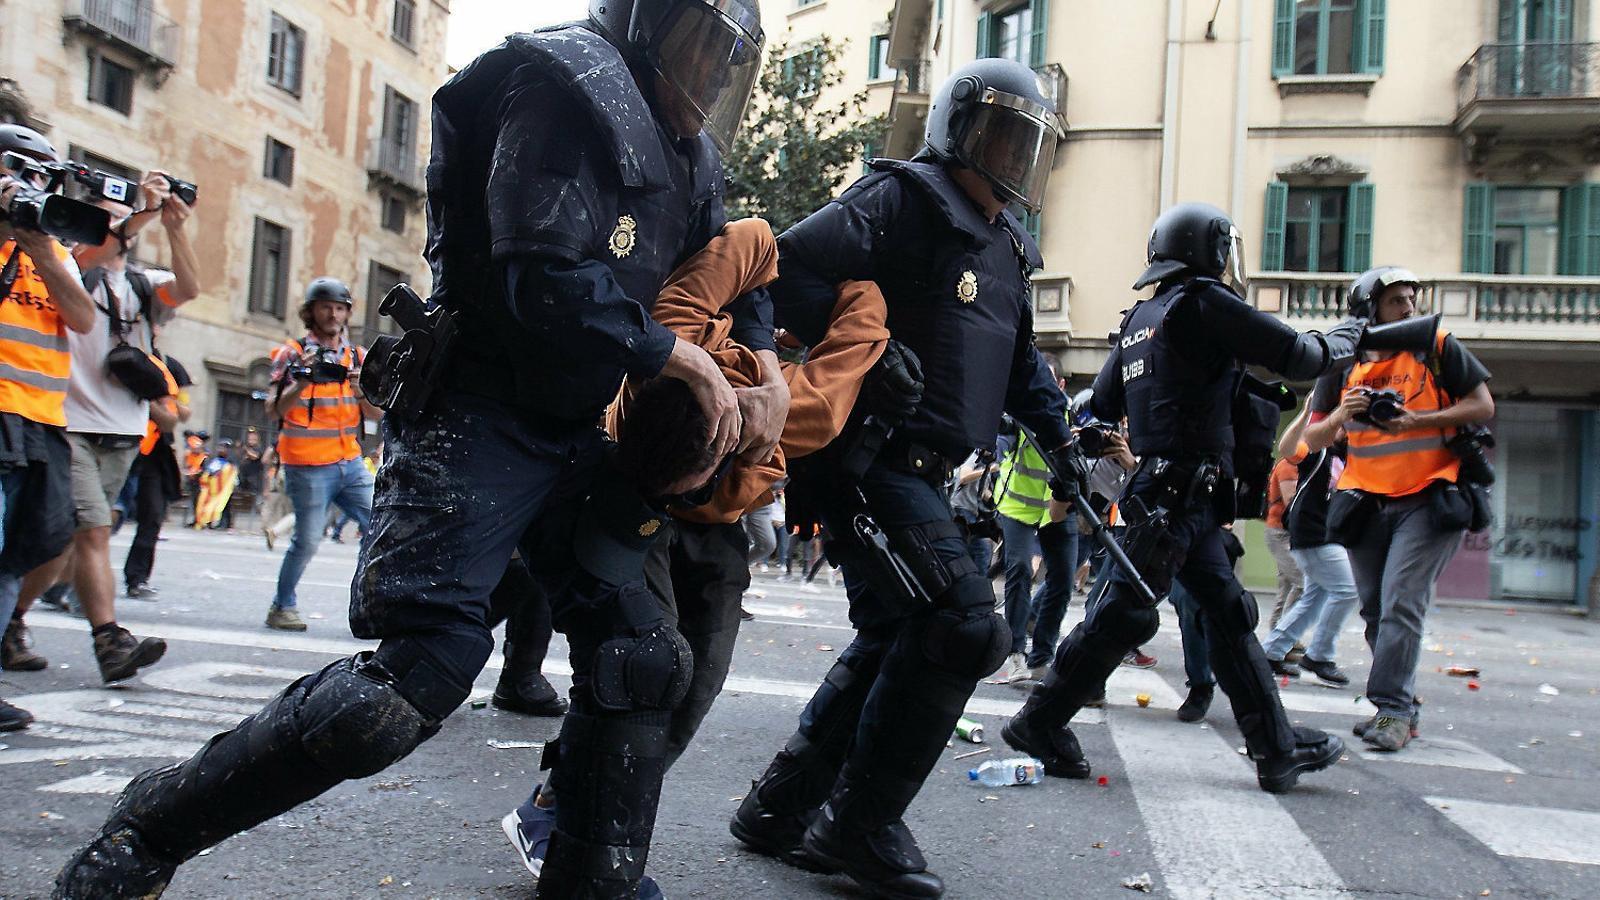 Cinc ombres de dubte sobre les detencions